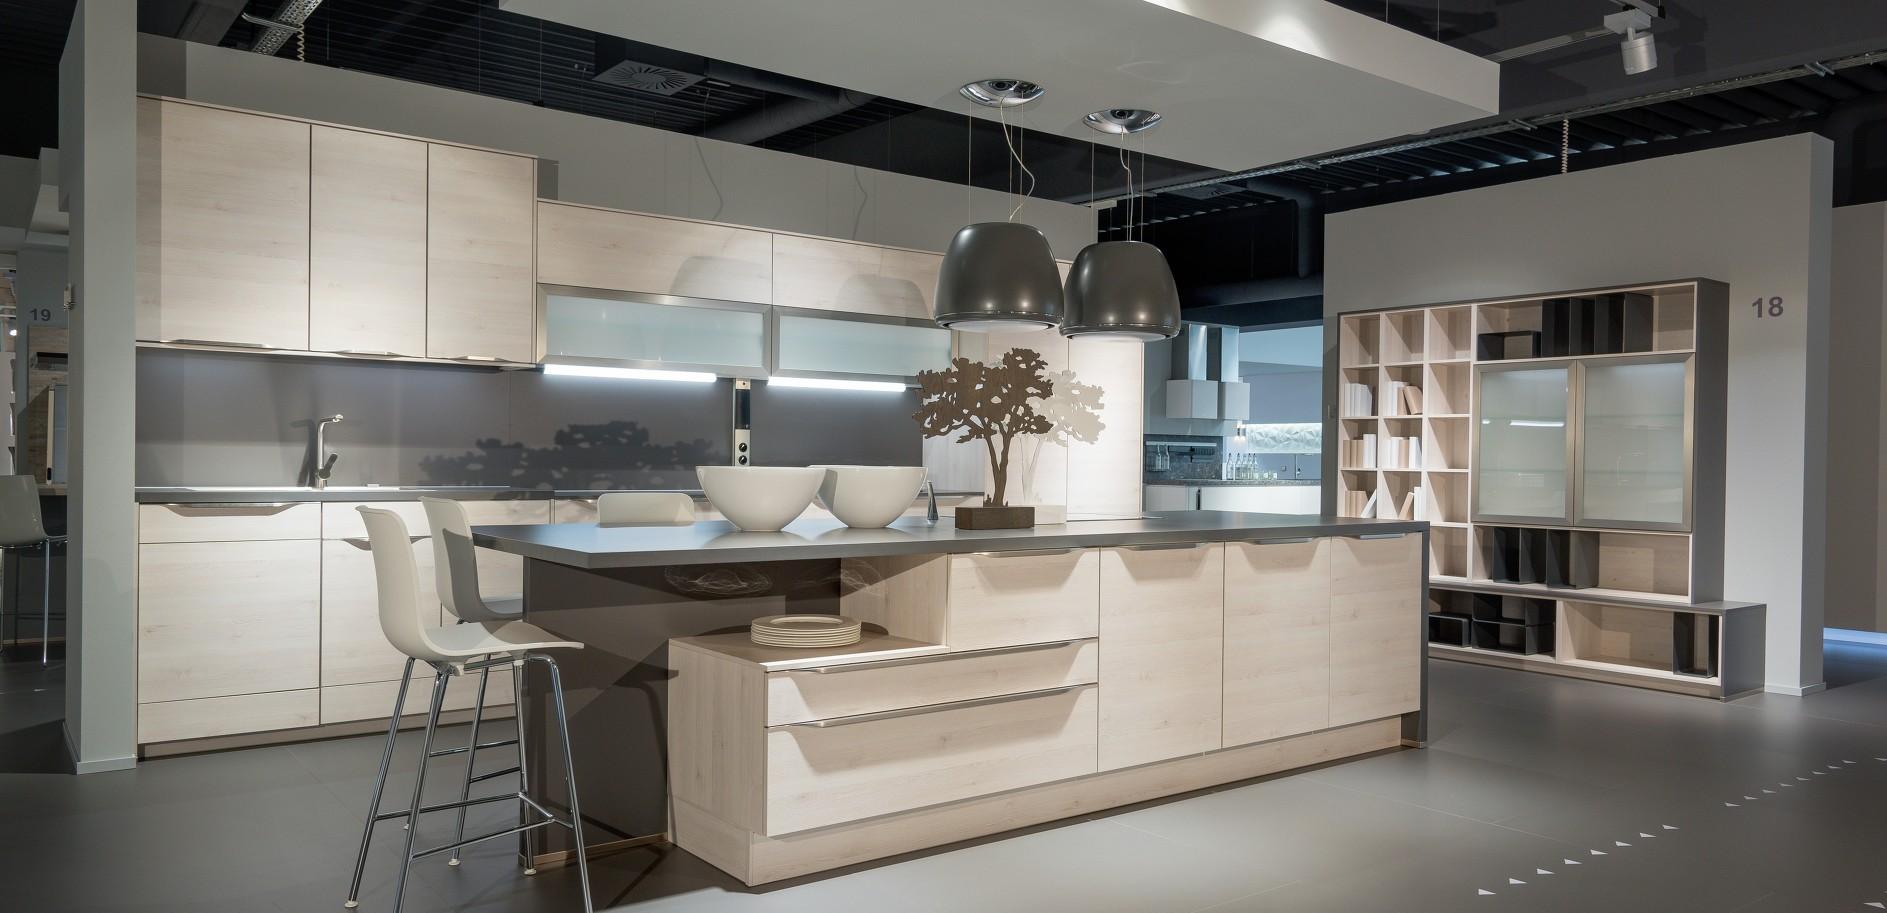 kontakt - küche & design